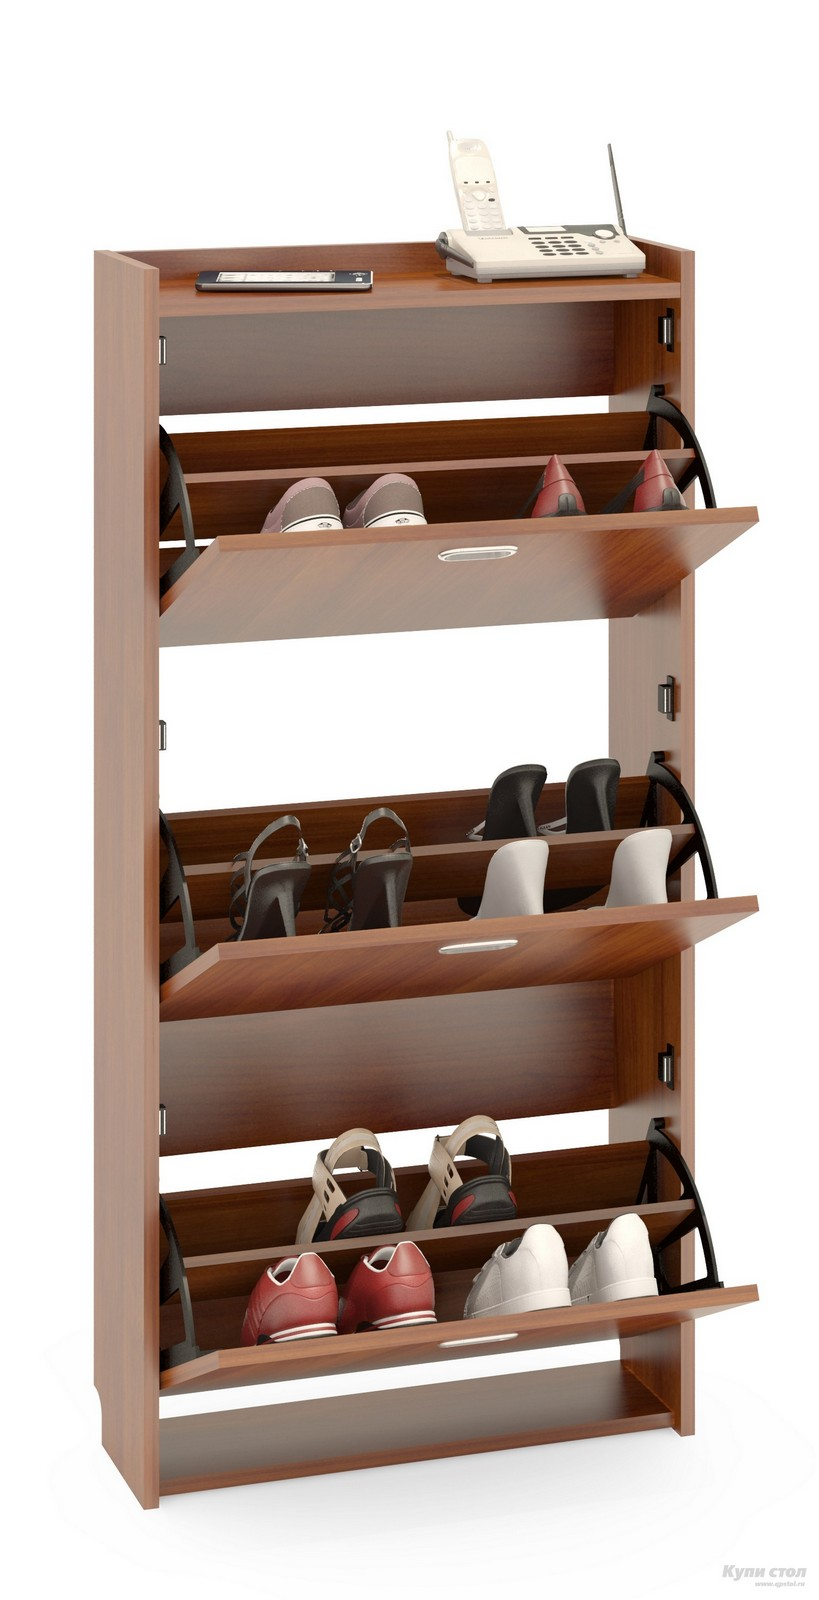 Обувница Сокол ТО-3 Испанский орехОбувницы<br>Габаритные размеры ВхШхГ 1255x600x220 мм.  Обувница очень практичная составляющая прихожей.  Мебельное изделие украсит прихожую, избавит ее от неопрятного видаразбросанной обуви, а также поможет сохранить привлекательный вид обуви во время хранения.   Модель ТО-3 трехсекционная обувница, ее вместительность – 12 пар обуви.  В закрытом состоянии мебельное изделие отличаетневероятная компактность.  Секции удобно открывать, предоставляется полный обзор хранимой обуви.  Изделие изготовлено из высококачественной ЛДСП 16мм, края отделаны кромкой ПВХ 0. 4мм.  При сборке необходимо крепить обувницу к стене для лучшей устойчивости.  Рекомендуем сохранить инструкцию по сборке (паспорт изделия) до истечения гарантийного срока.<br><br>Цвет: Испанский орех<br>Цвет: Красное дерево<br>Высота мм: 1255<br>Ширина мм: 600<br>Глубина мм: 220<br>Кол-во упаковок: 1<br>Форма поставки: В разобранном виде<br>Срок гарантии: 2 года<br>Тип: Закрытые<br>Материал: Деревянные<br>Размер: Узкие